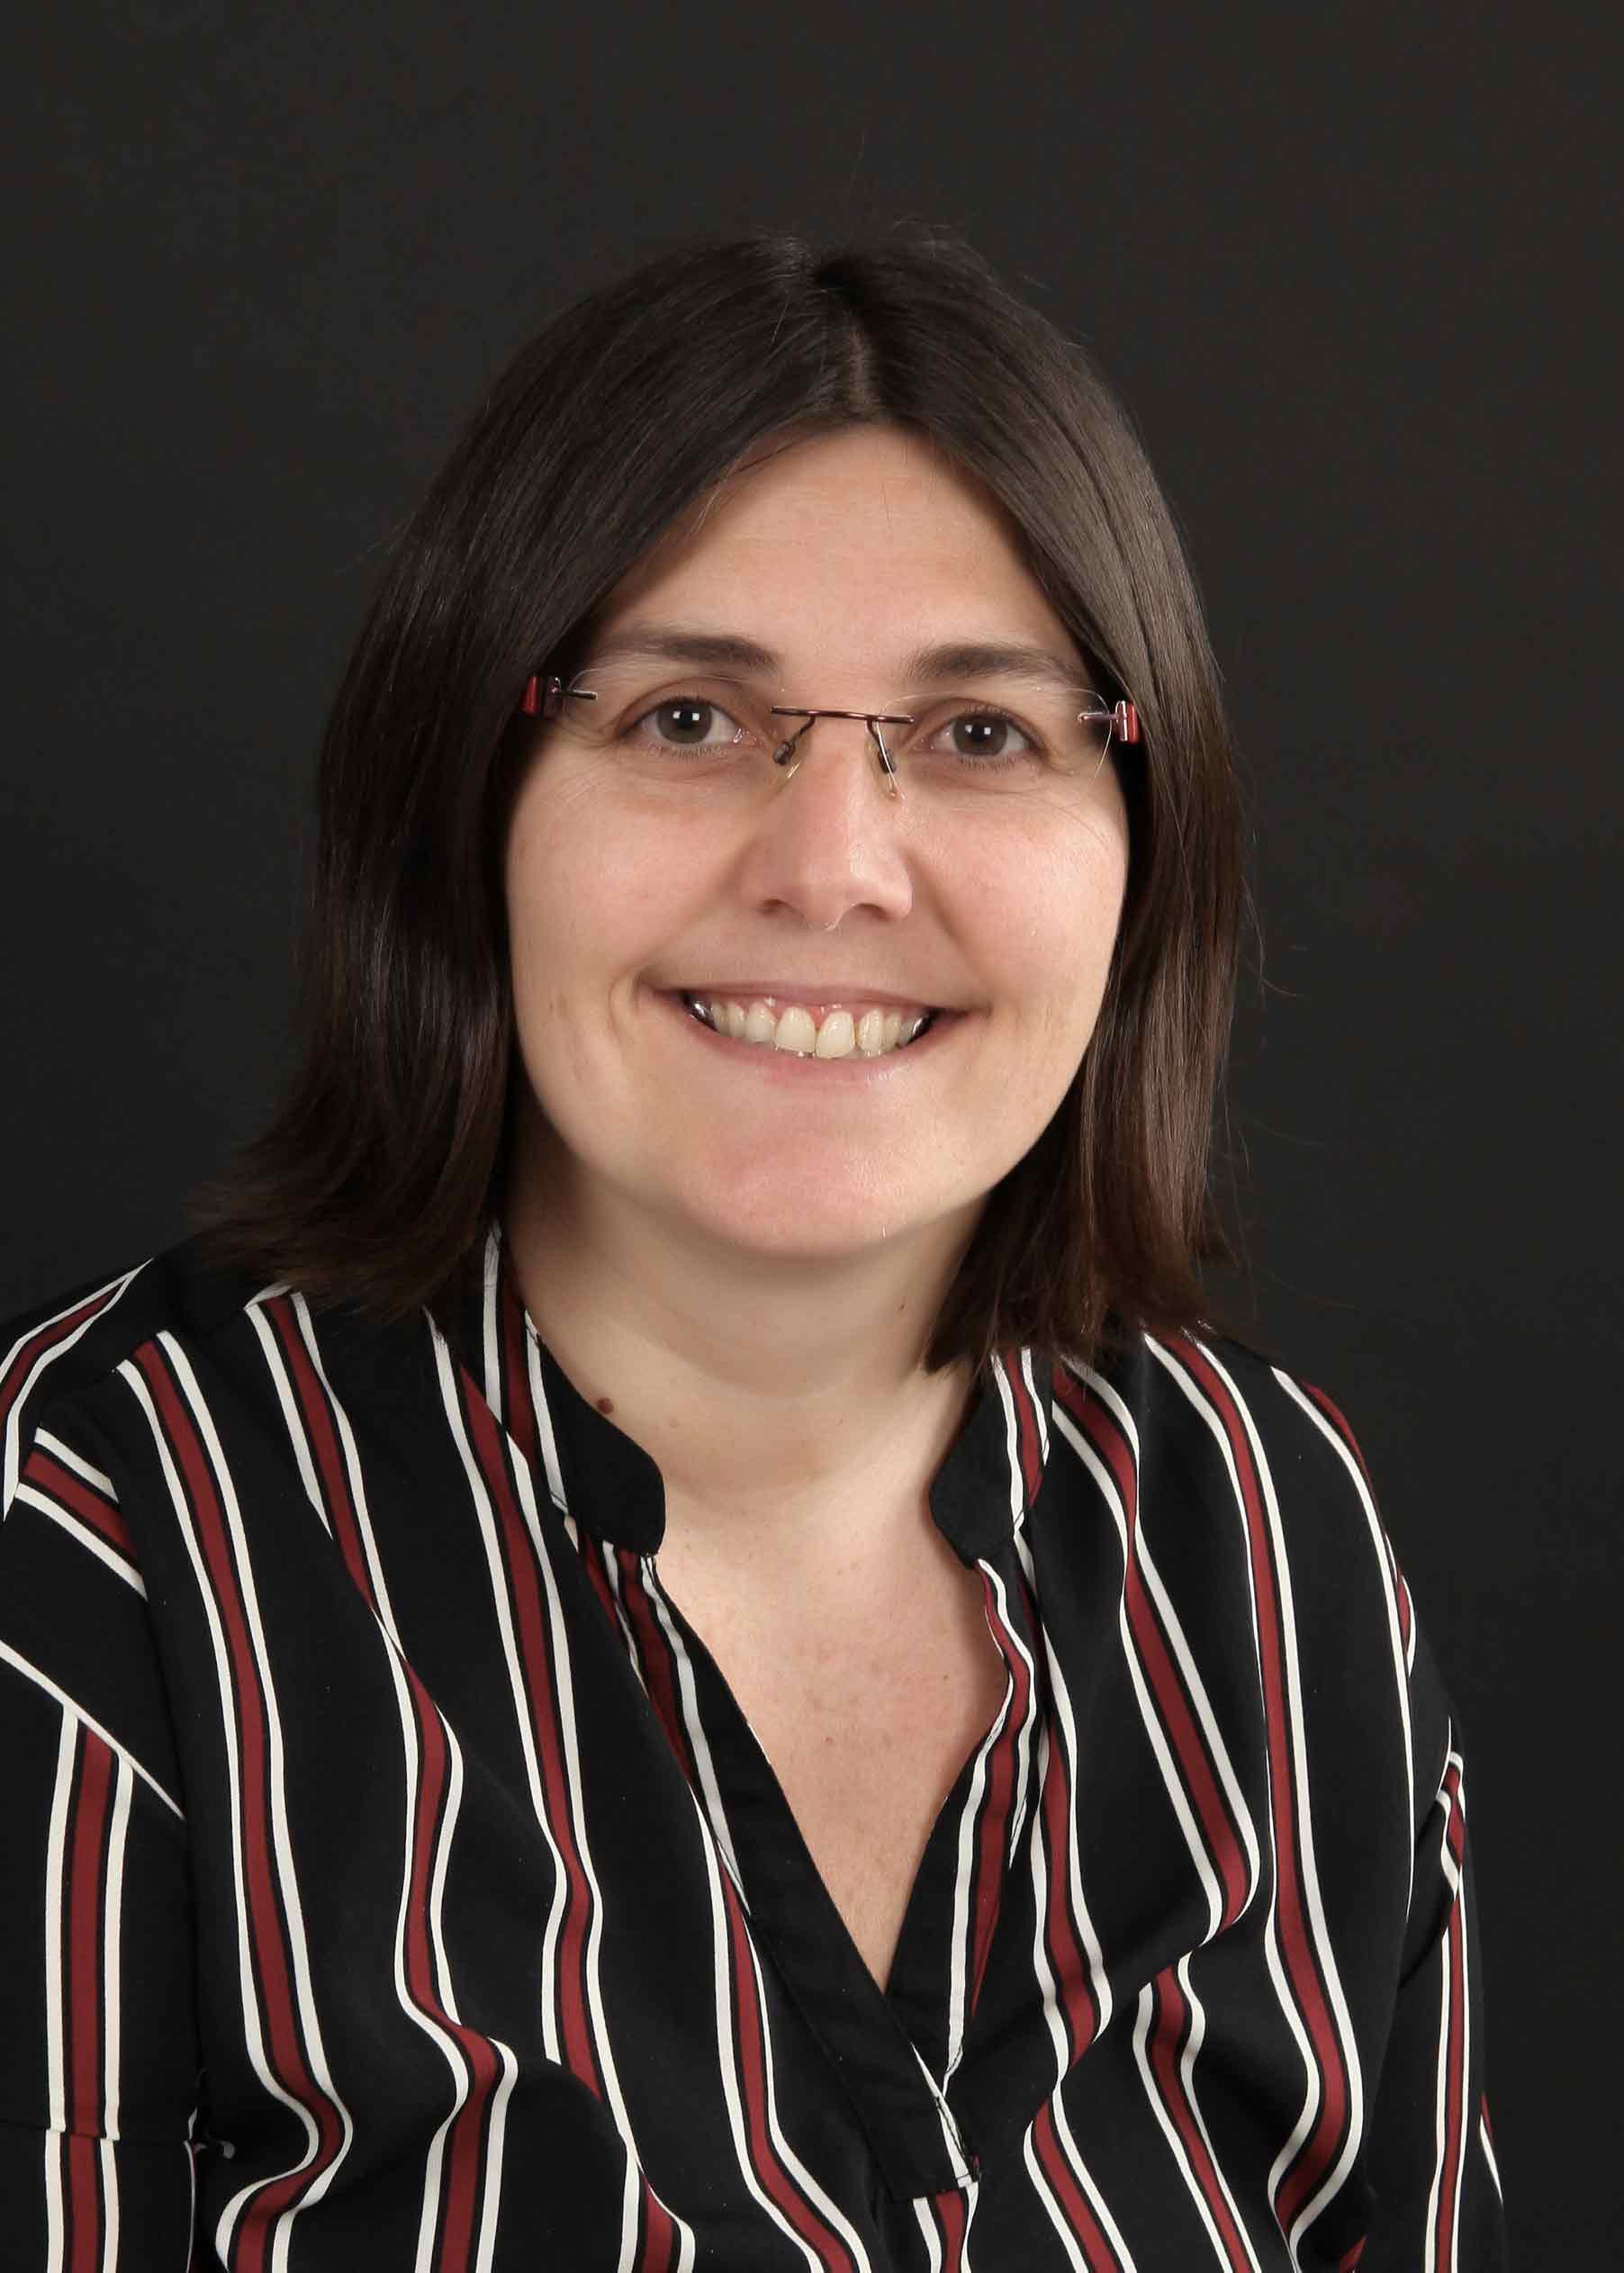 Marina Lescop